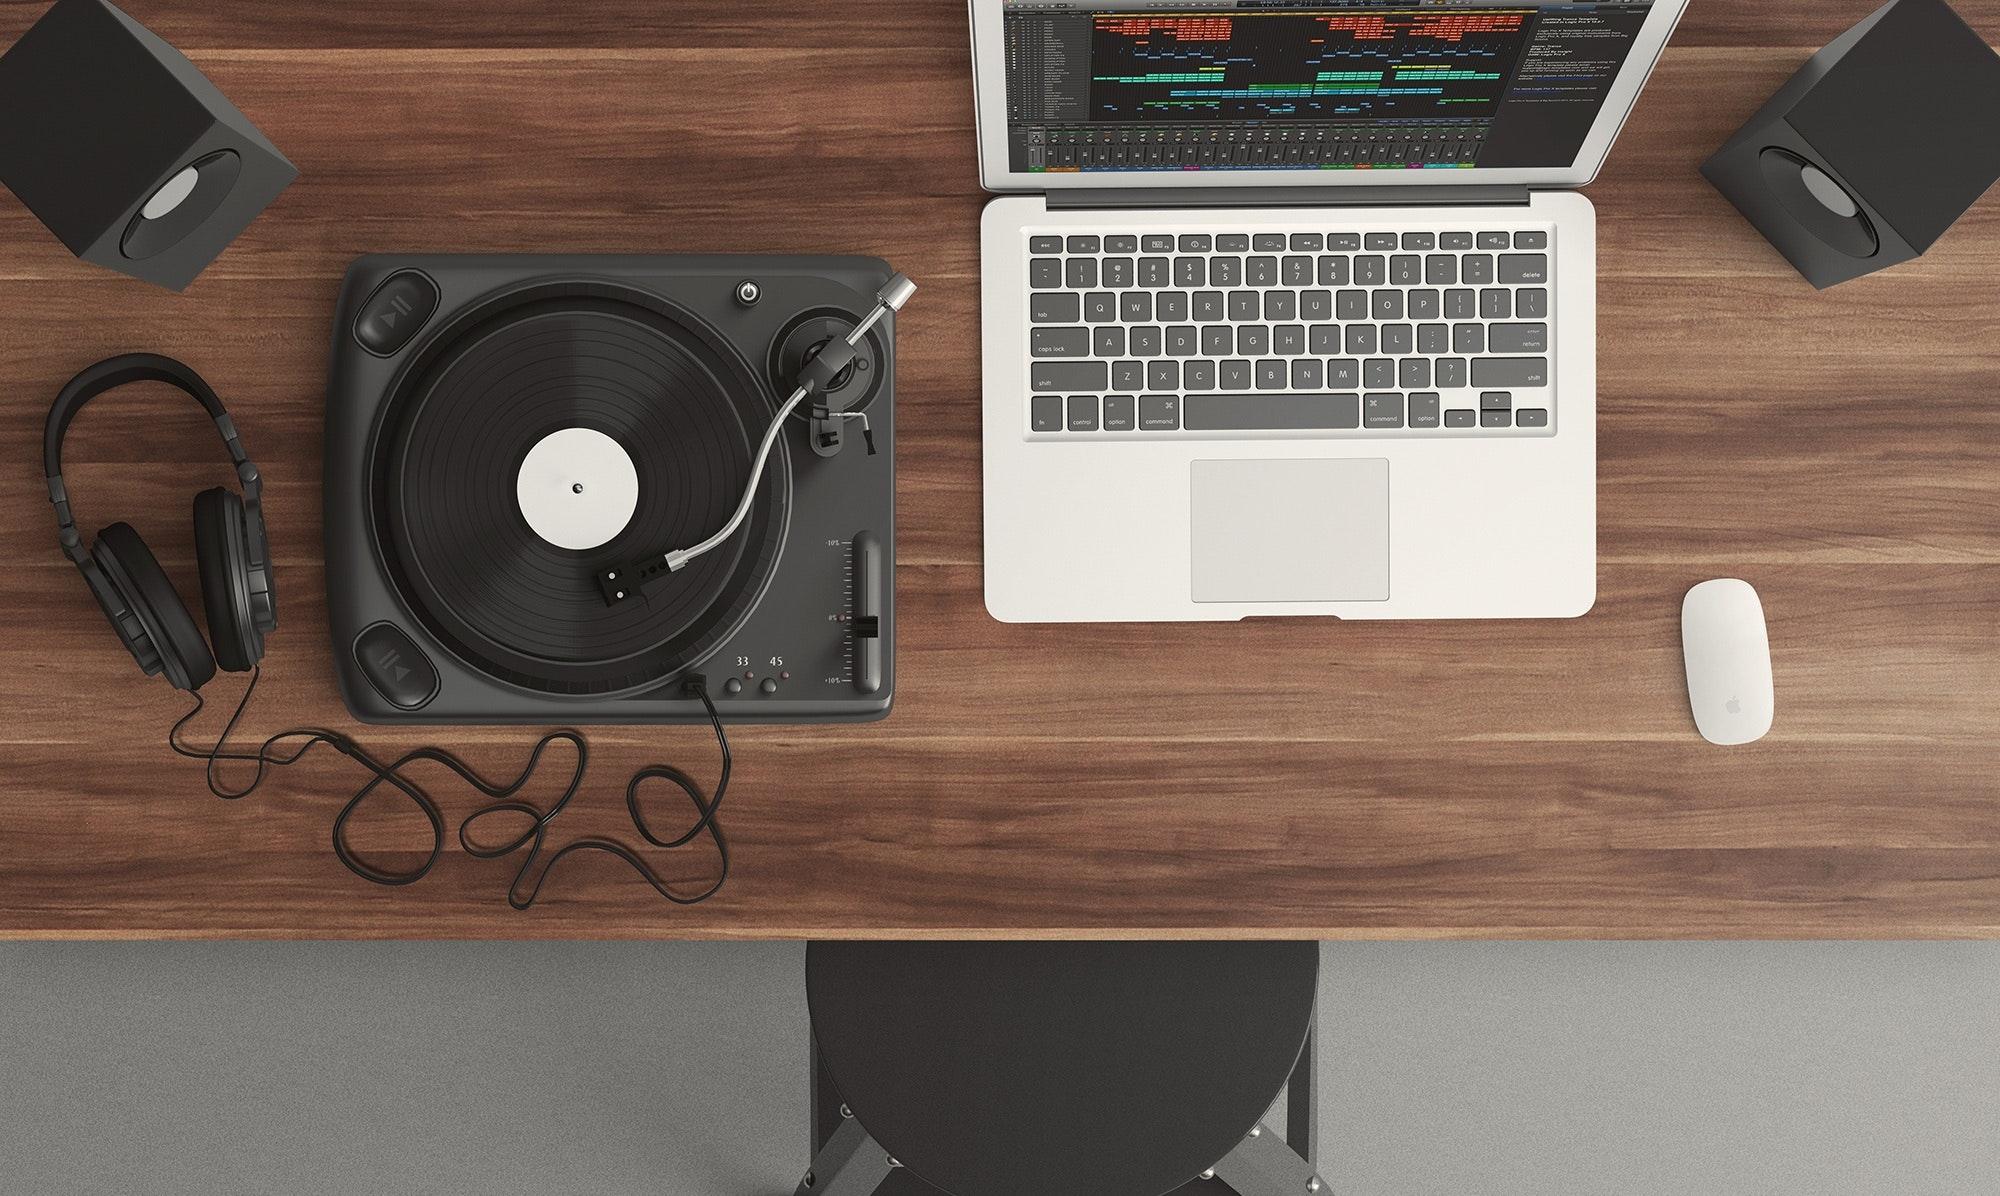 Macbook White, Audio, Music, Wireless, Turntable, HQ Photo